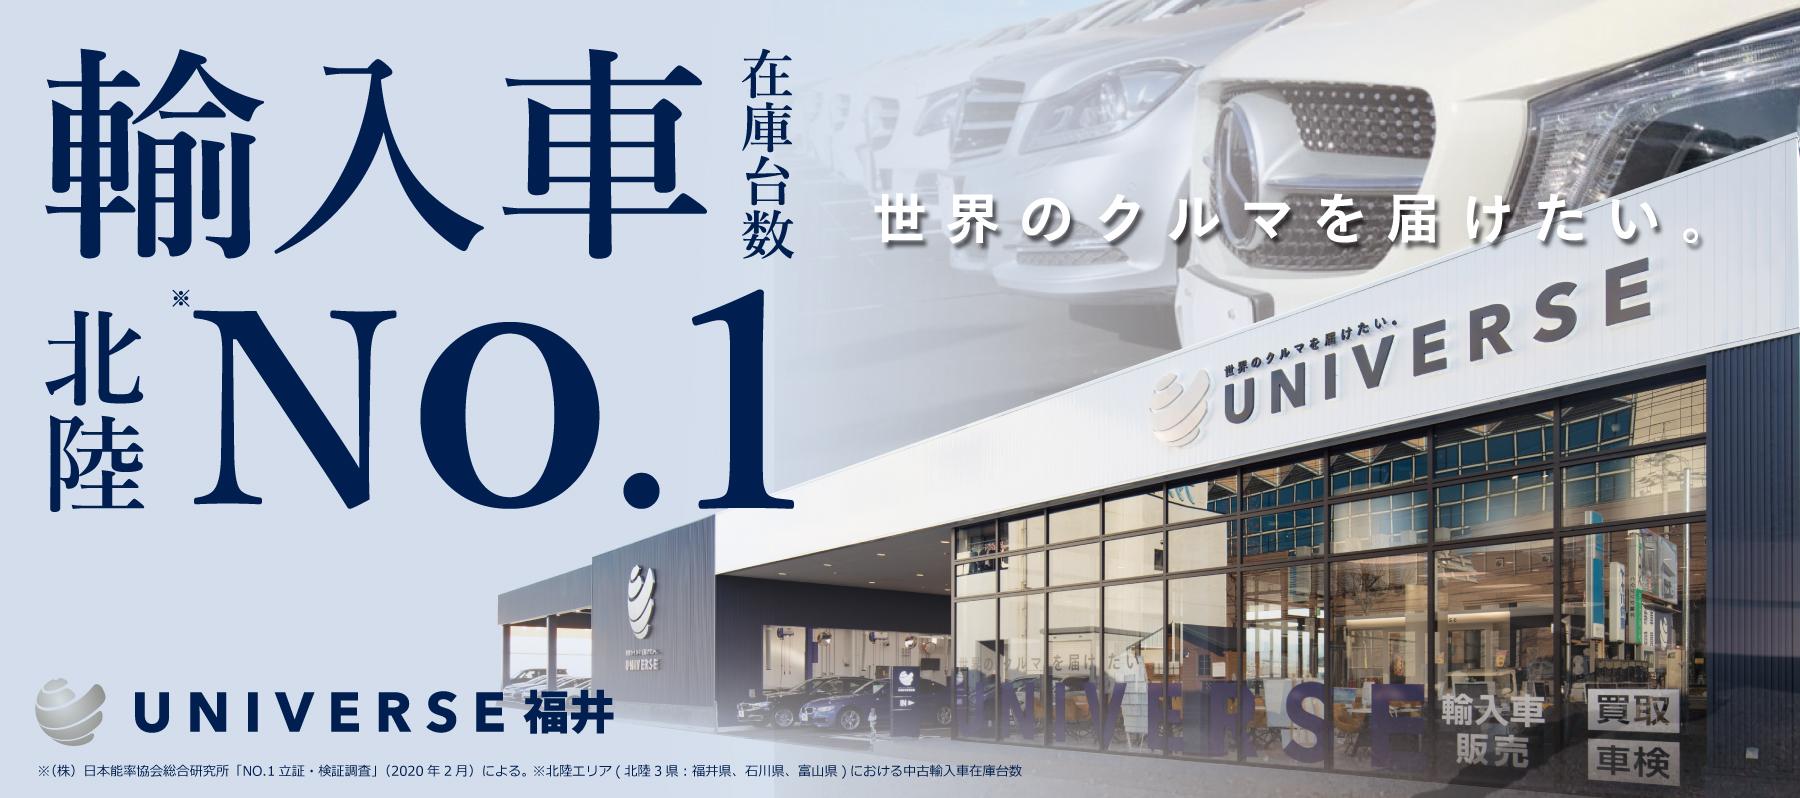 北陸最大の正規輸入車専門店が福井に誕生!